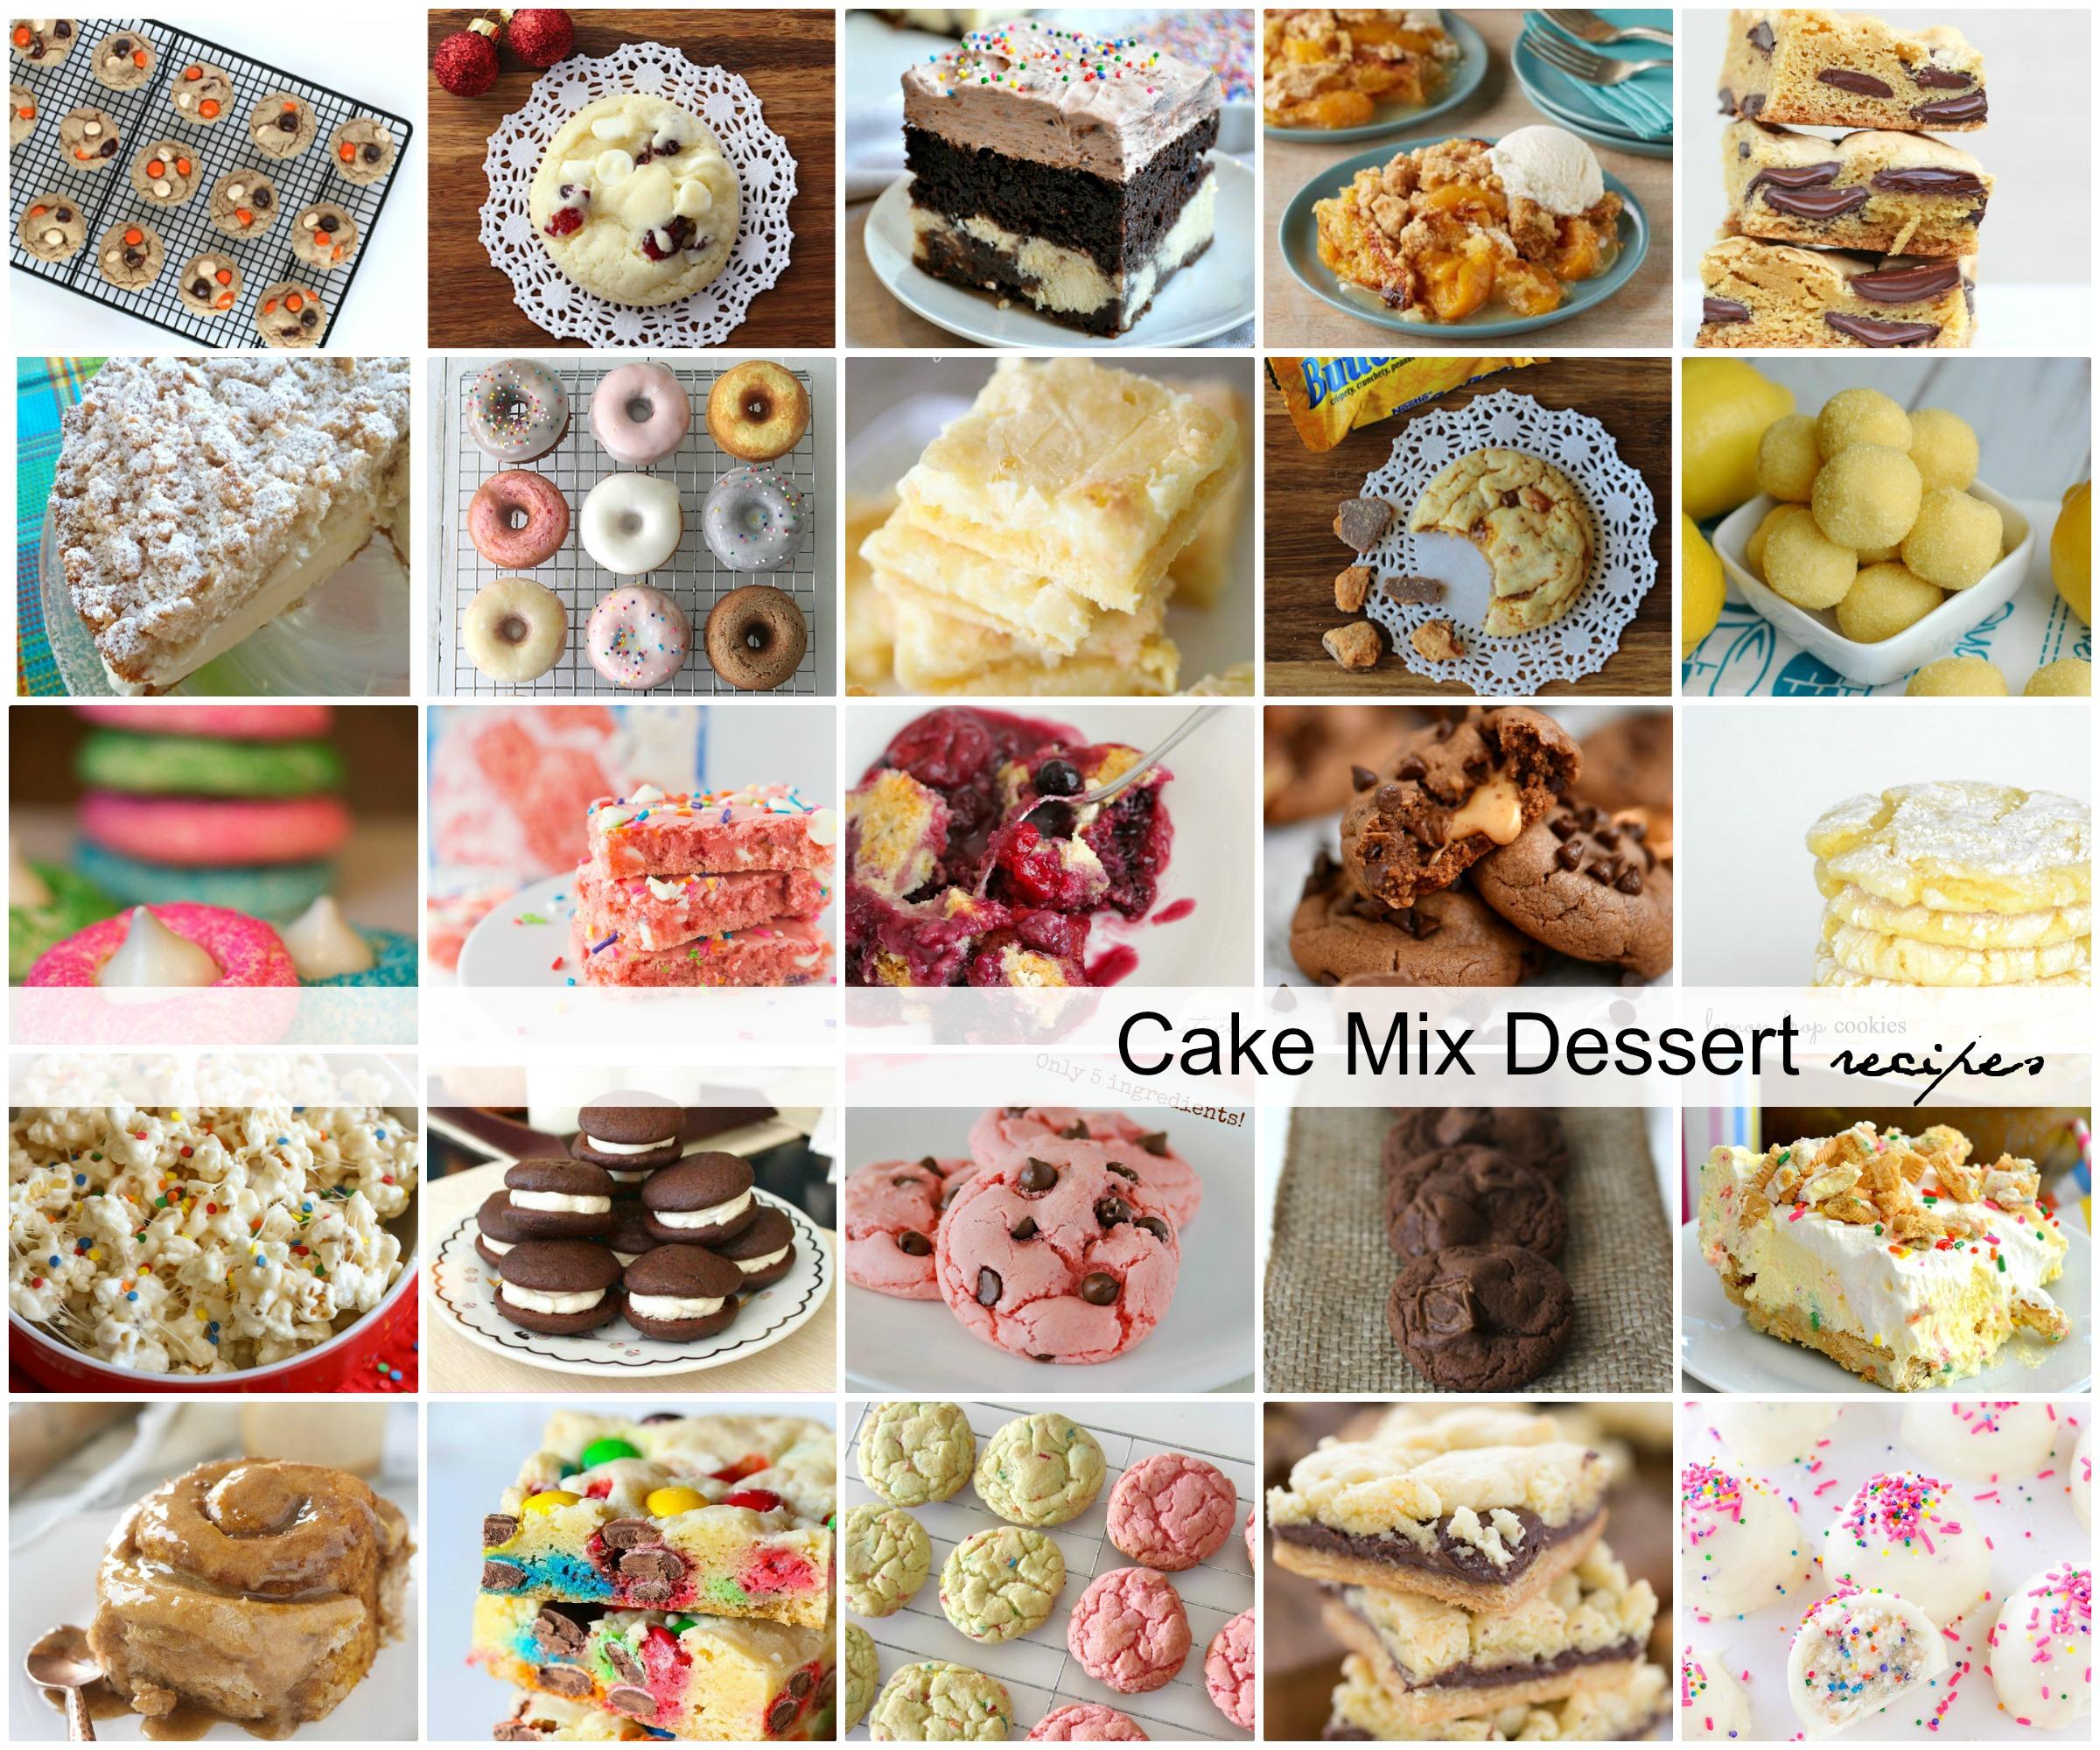 Cake-Mix-Dessert-Recipes-1